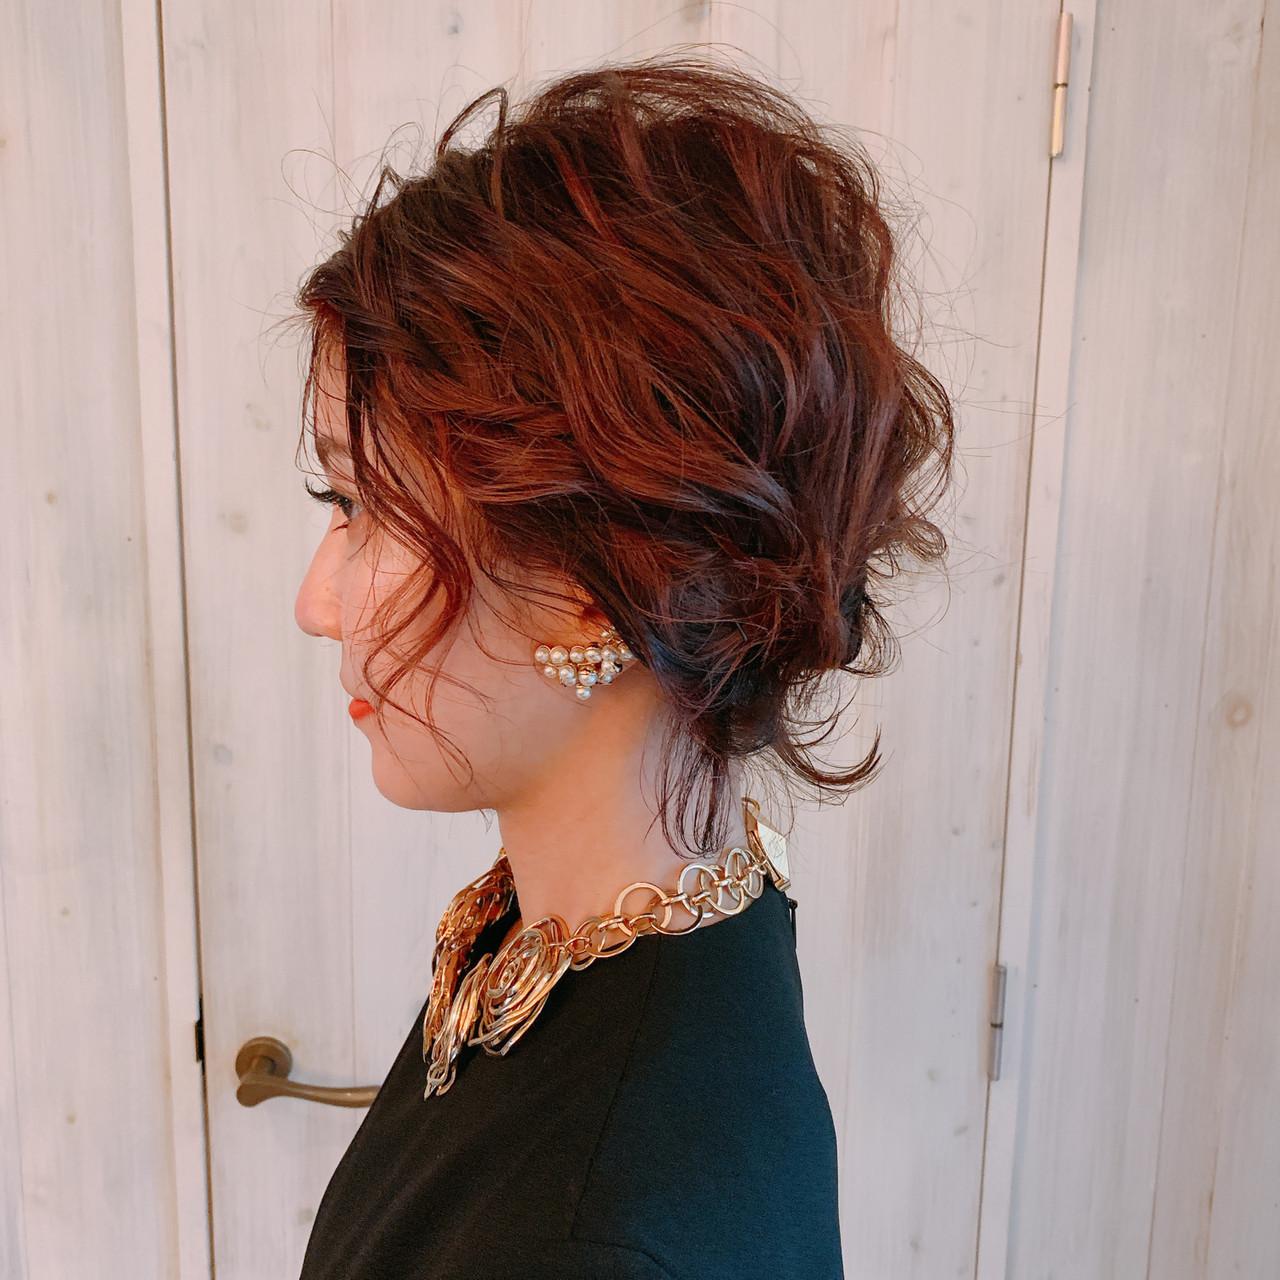 結婚式ヘアアレンジ フェミニン 結婚式髪型 ボブ ヘアスタイルや髪型の写真・画像